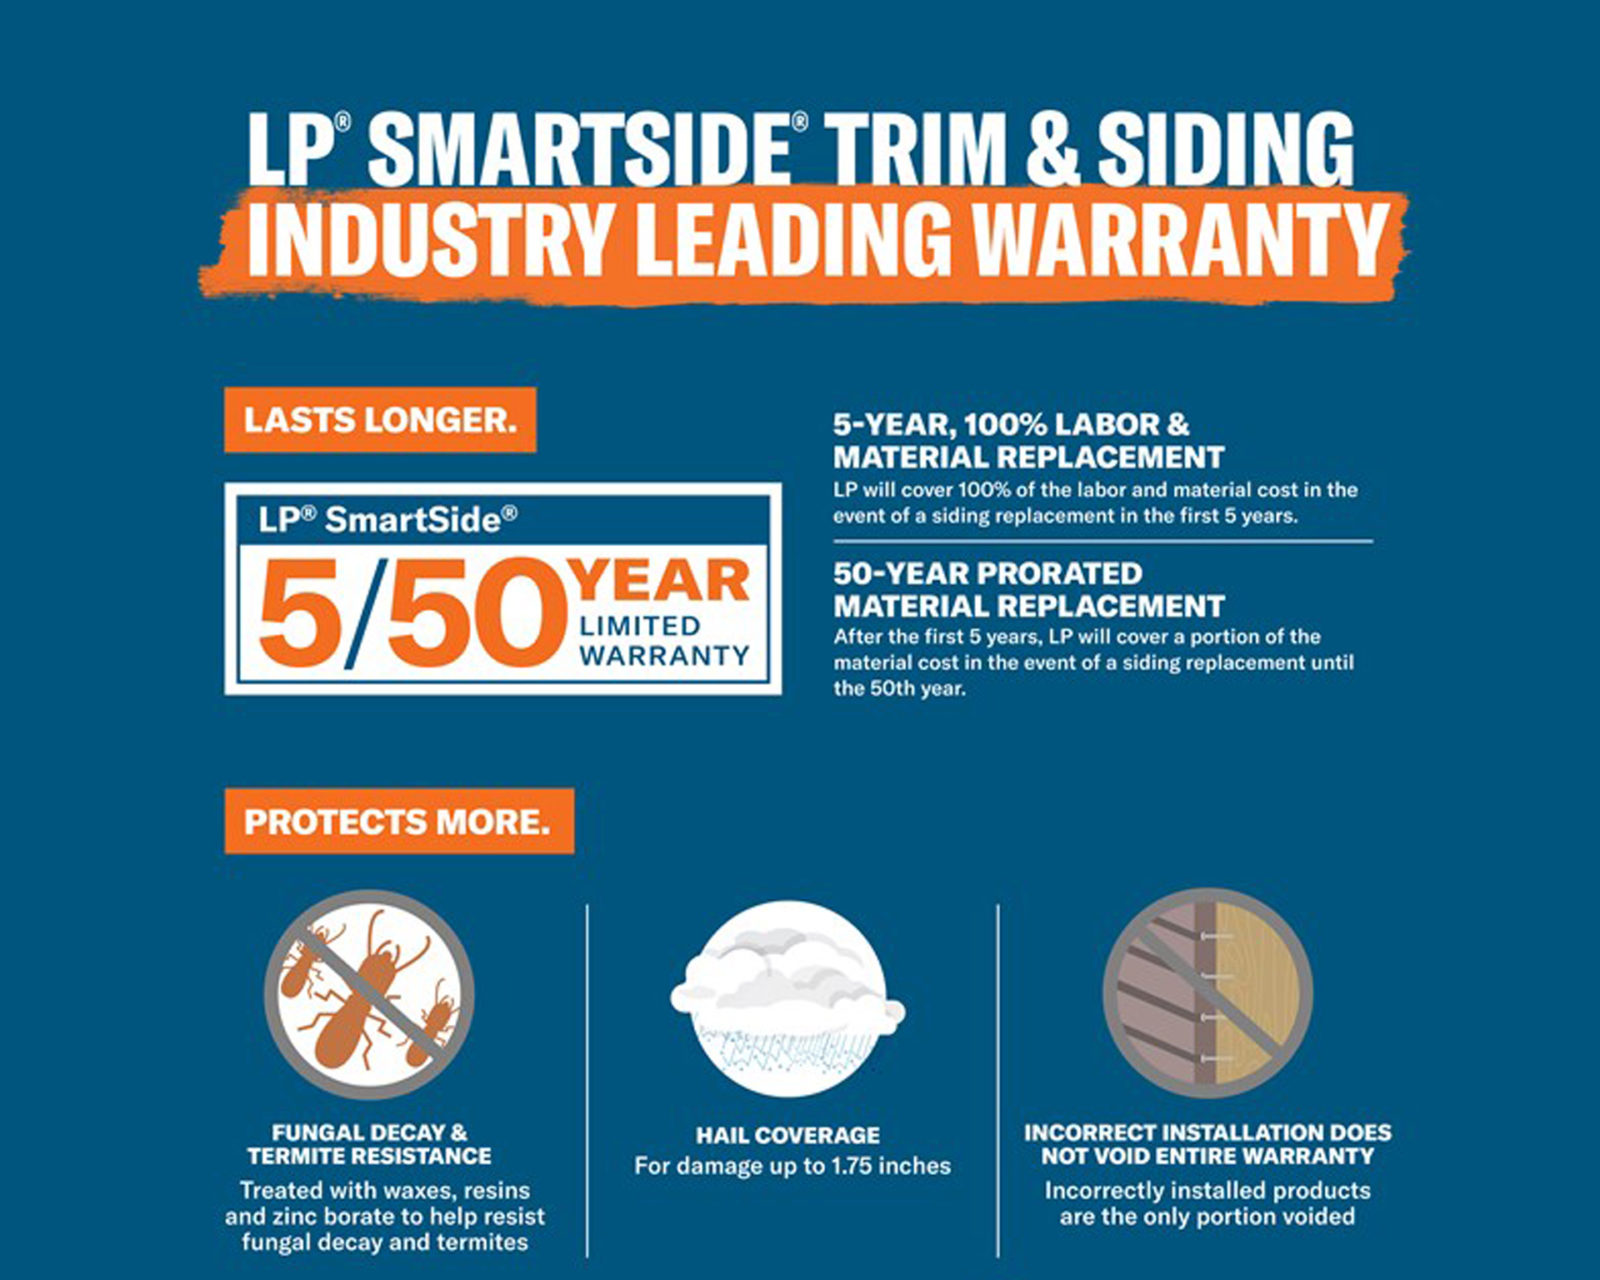 lp smartside 5 50 warranty